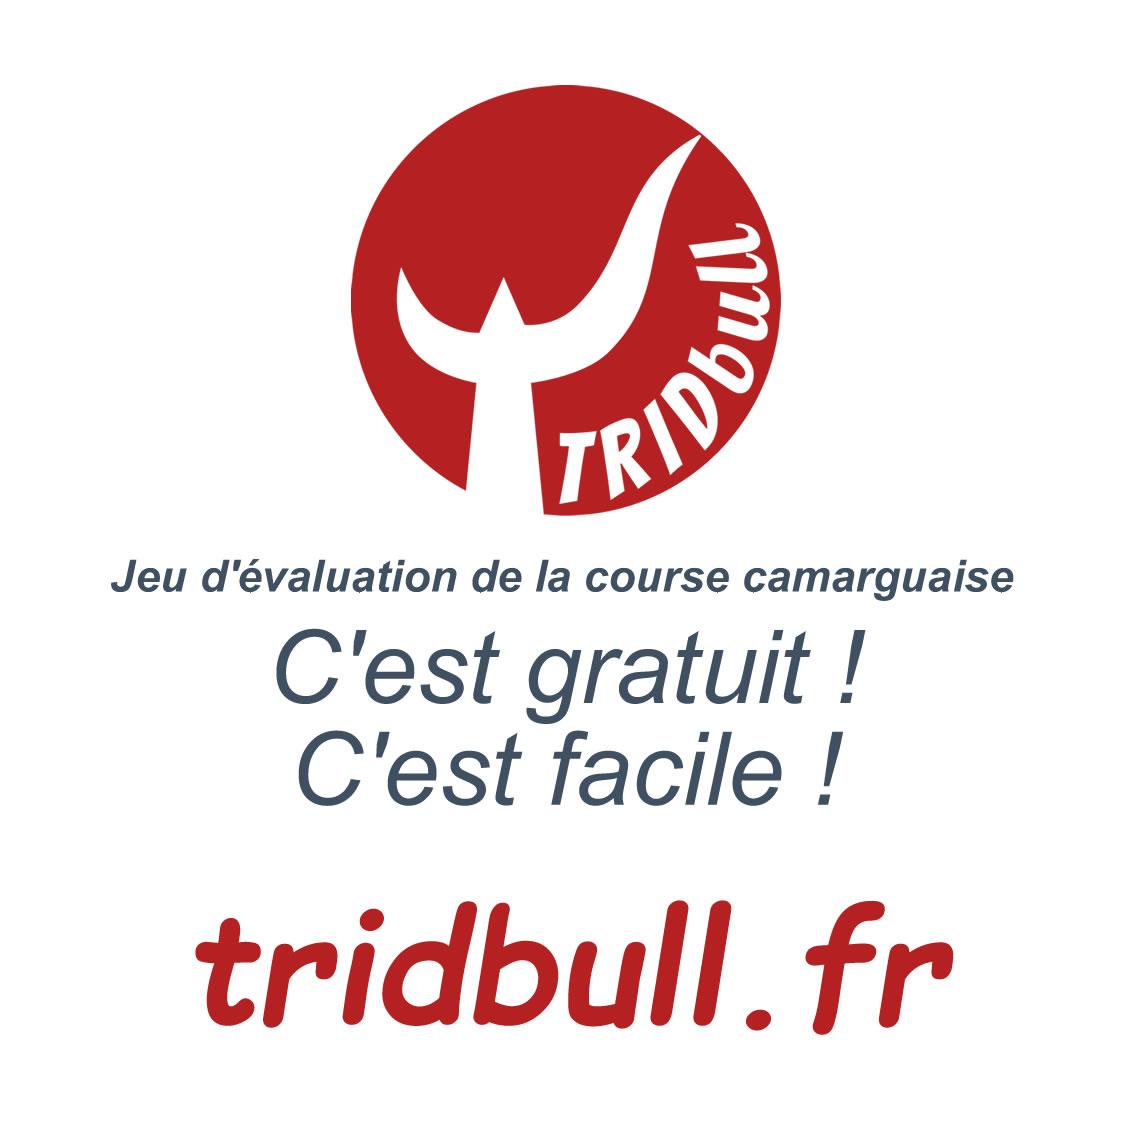 Tridbull, le jeu dévaluation sur la course camarguaise